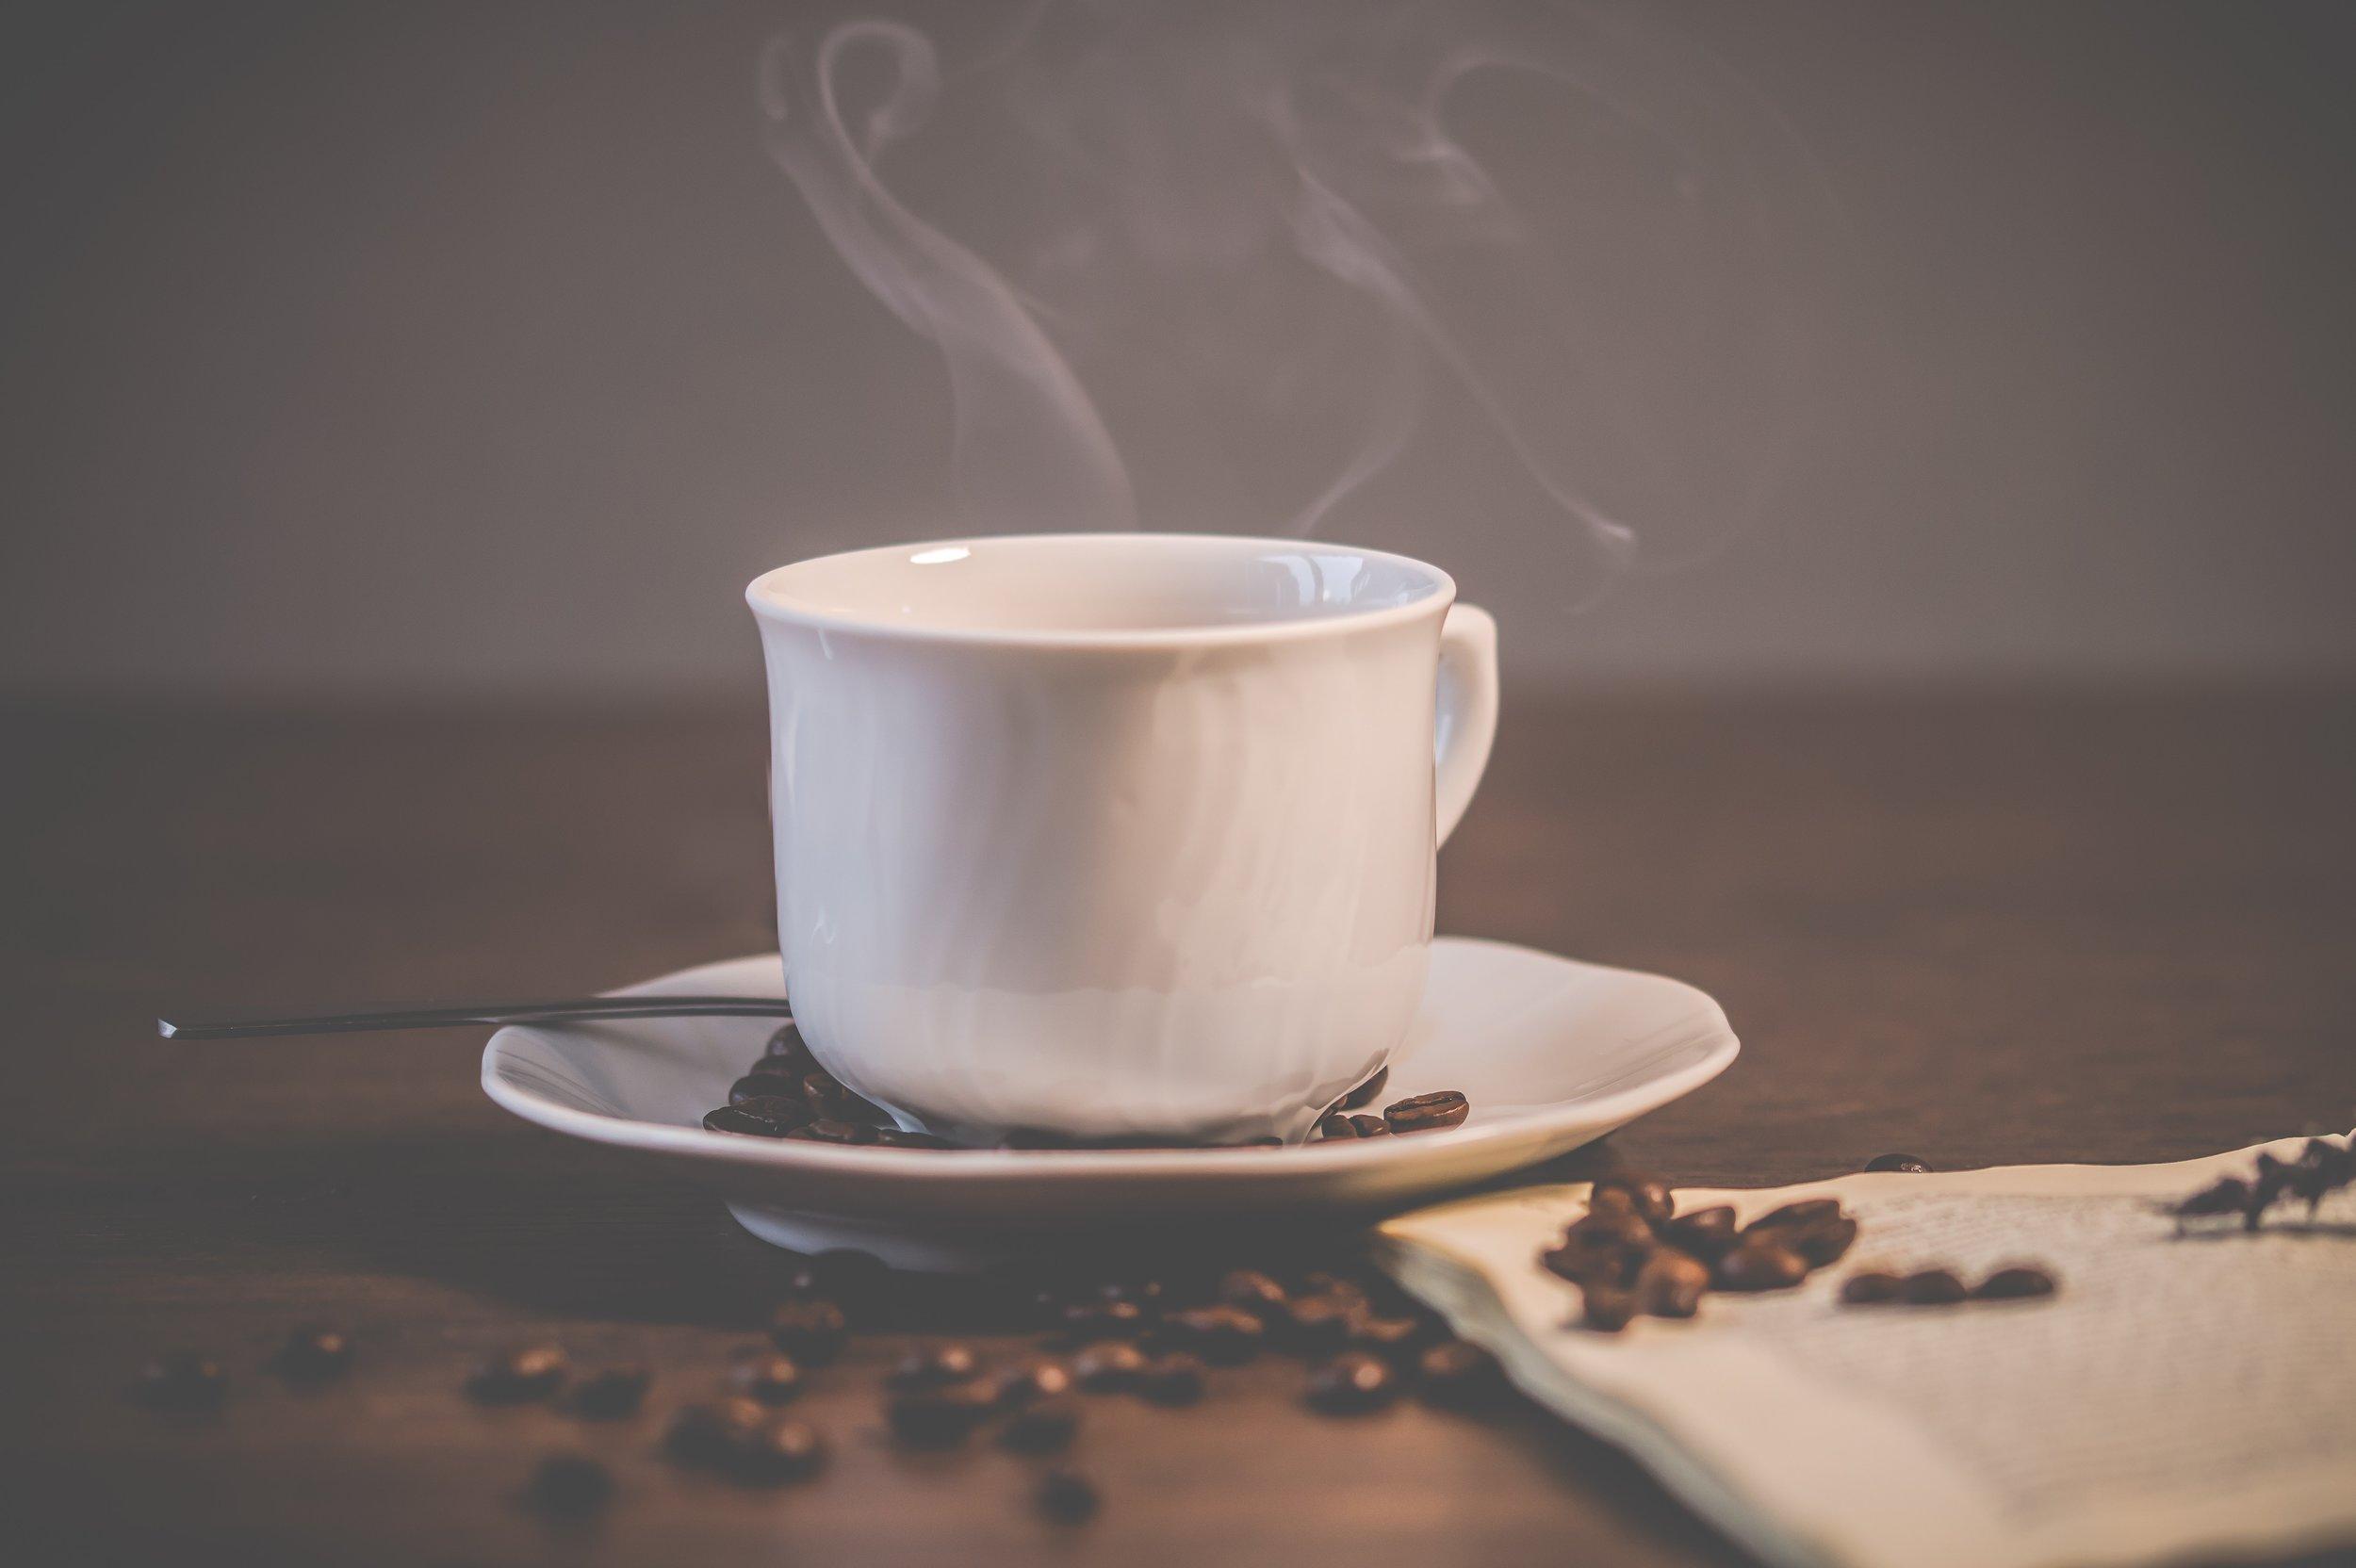 beverage-breakfast-brown-796611.jpg